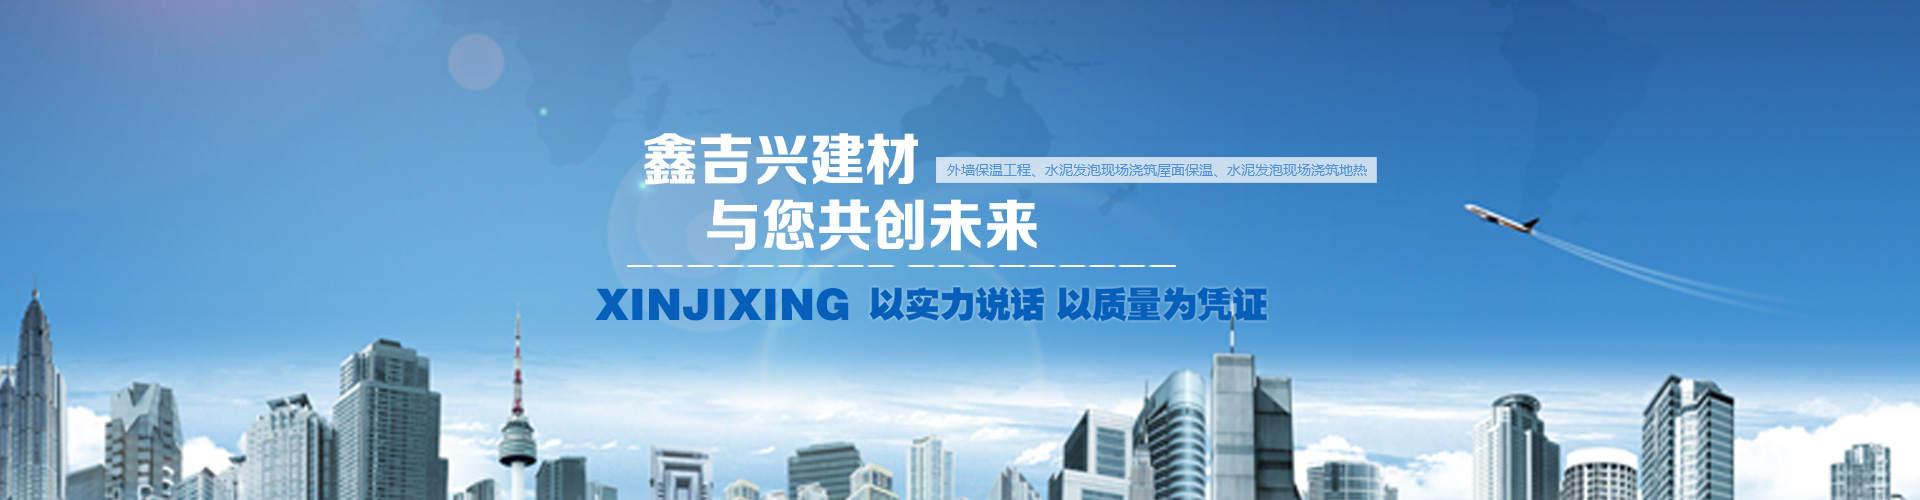 辽宁沈阳苹果ManBetX下载manbetx官网登录手机板